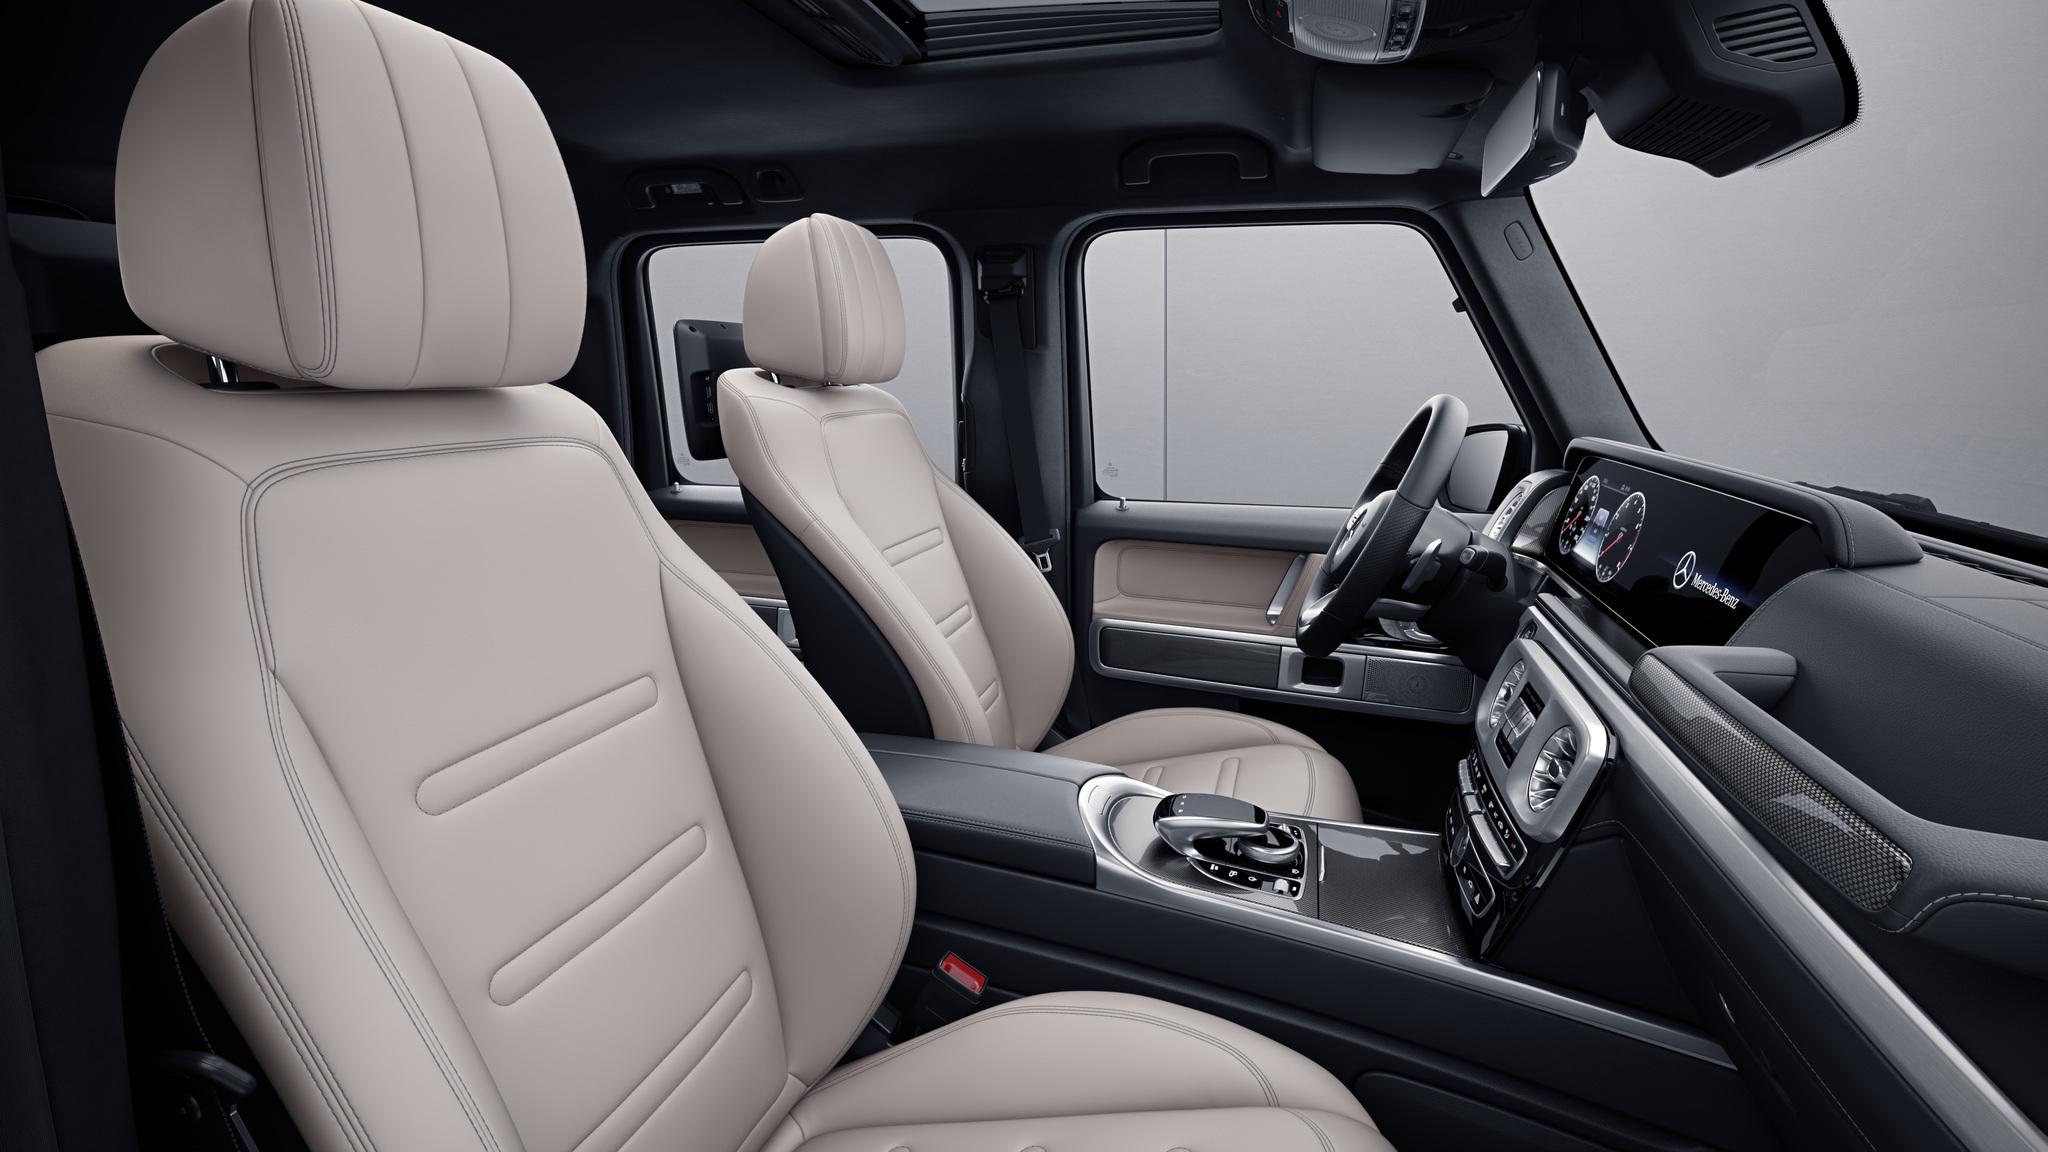 Habitacle de la Mercedes Classe G avec une Sellerie cuir nappa bicolore - beige macchiato noir